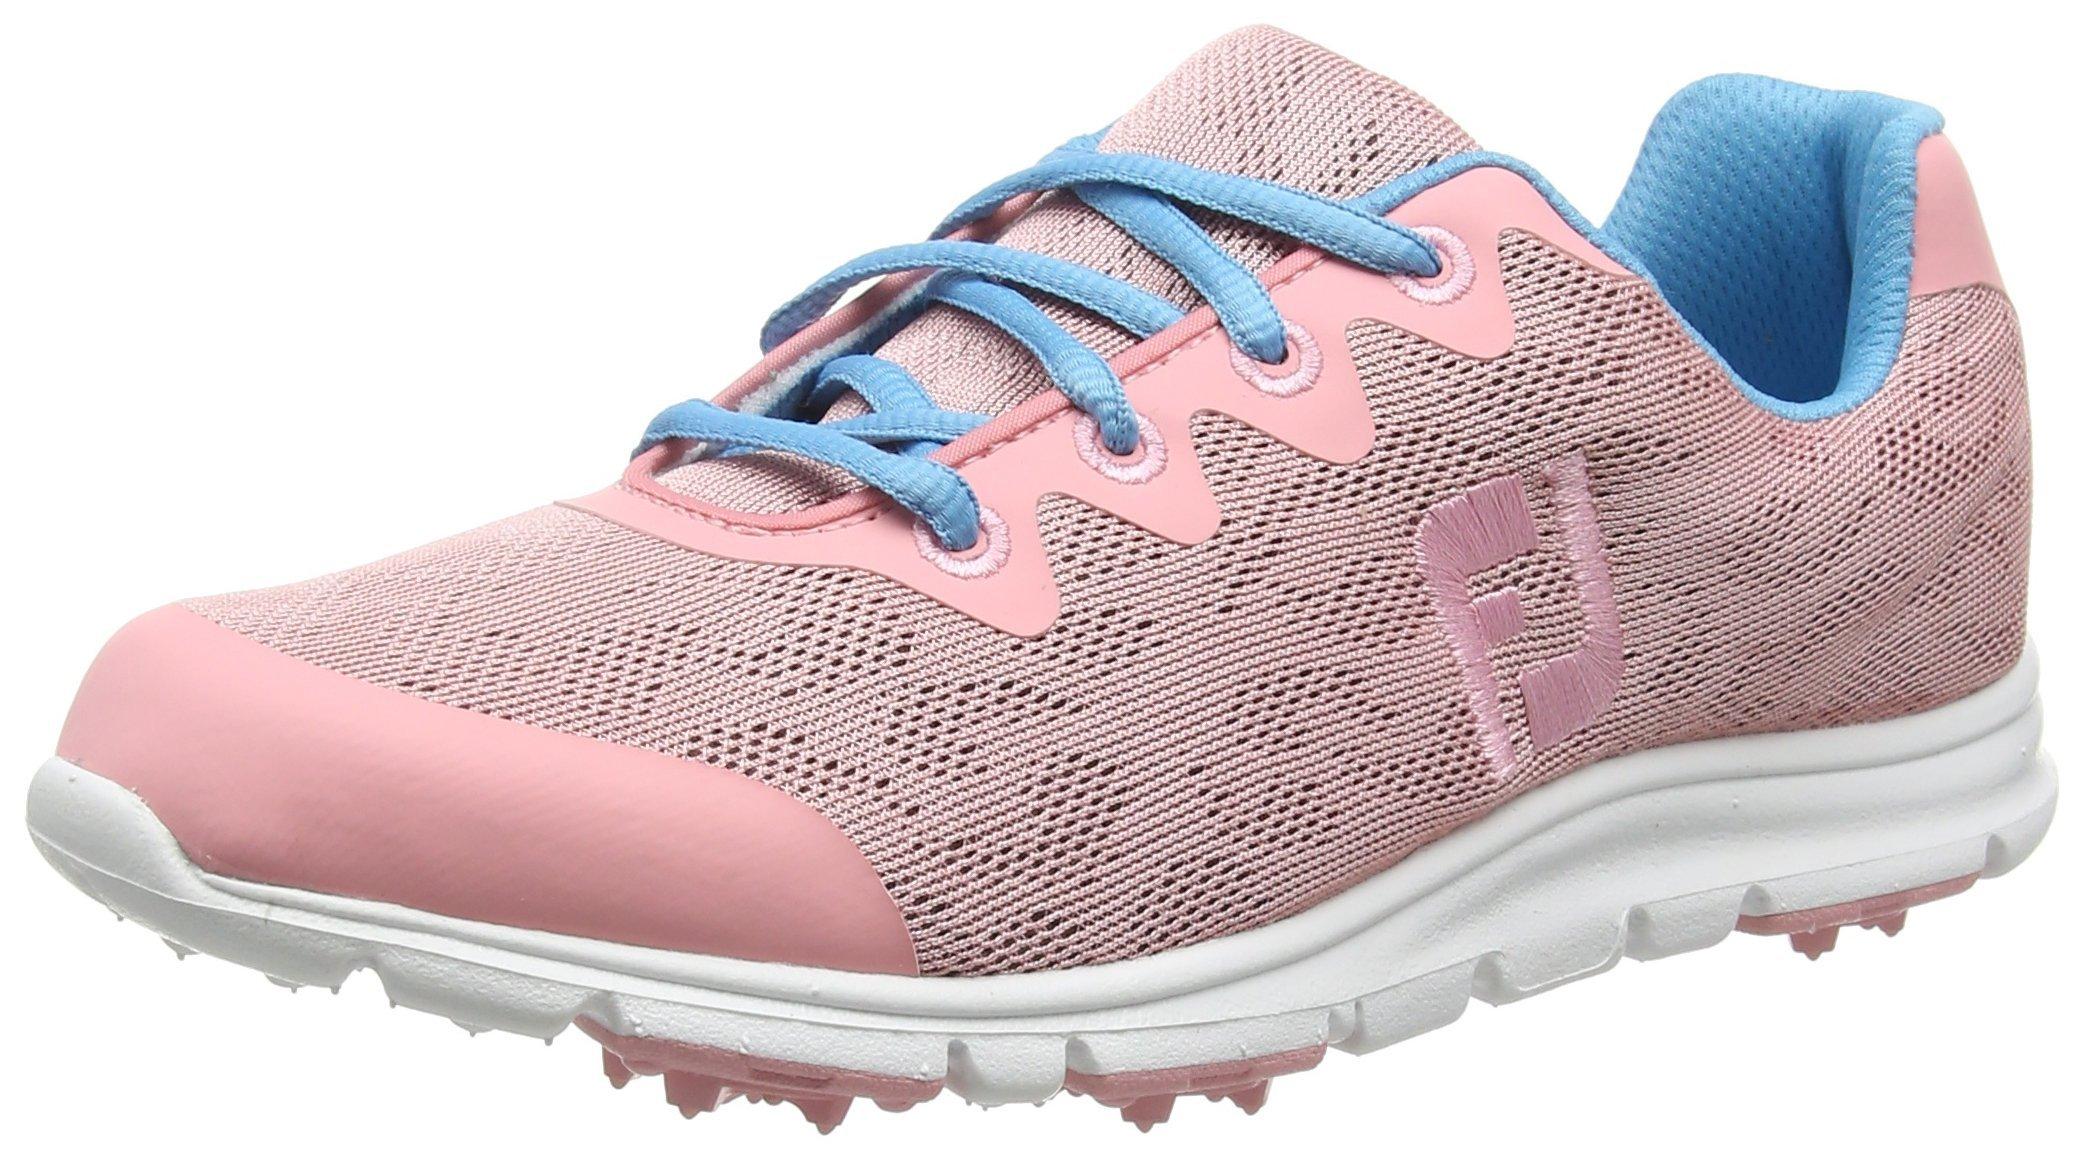 FootJoy Enjoy Spikeless Golf Shoes CLOSEOUT Womens Pink Rose Medium 8.5